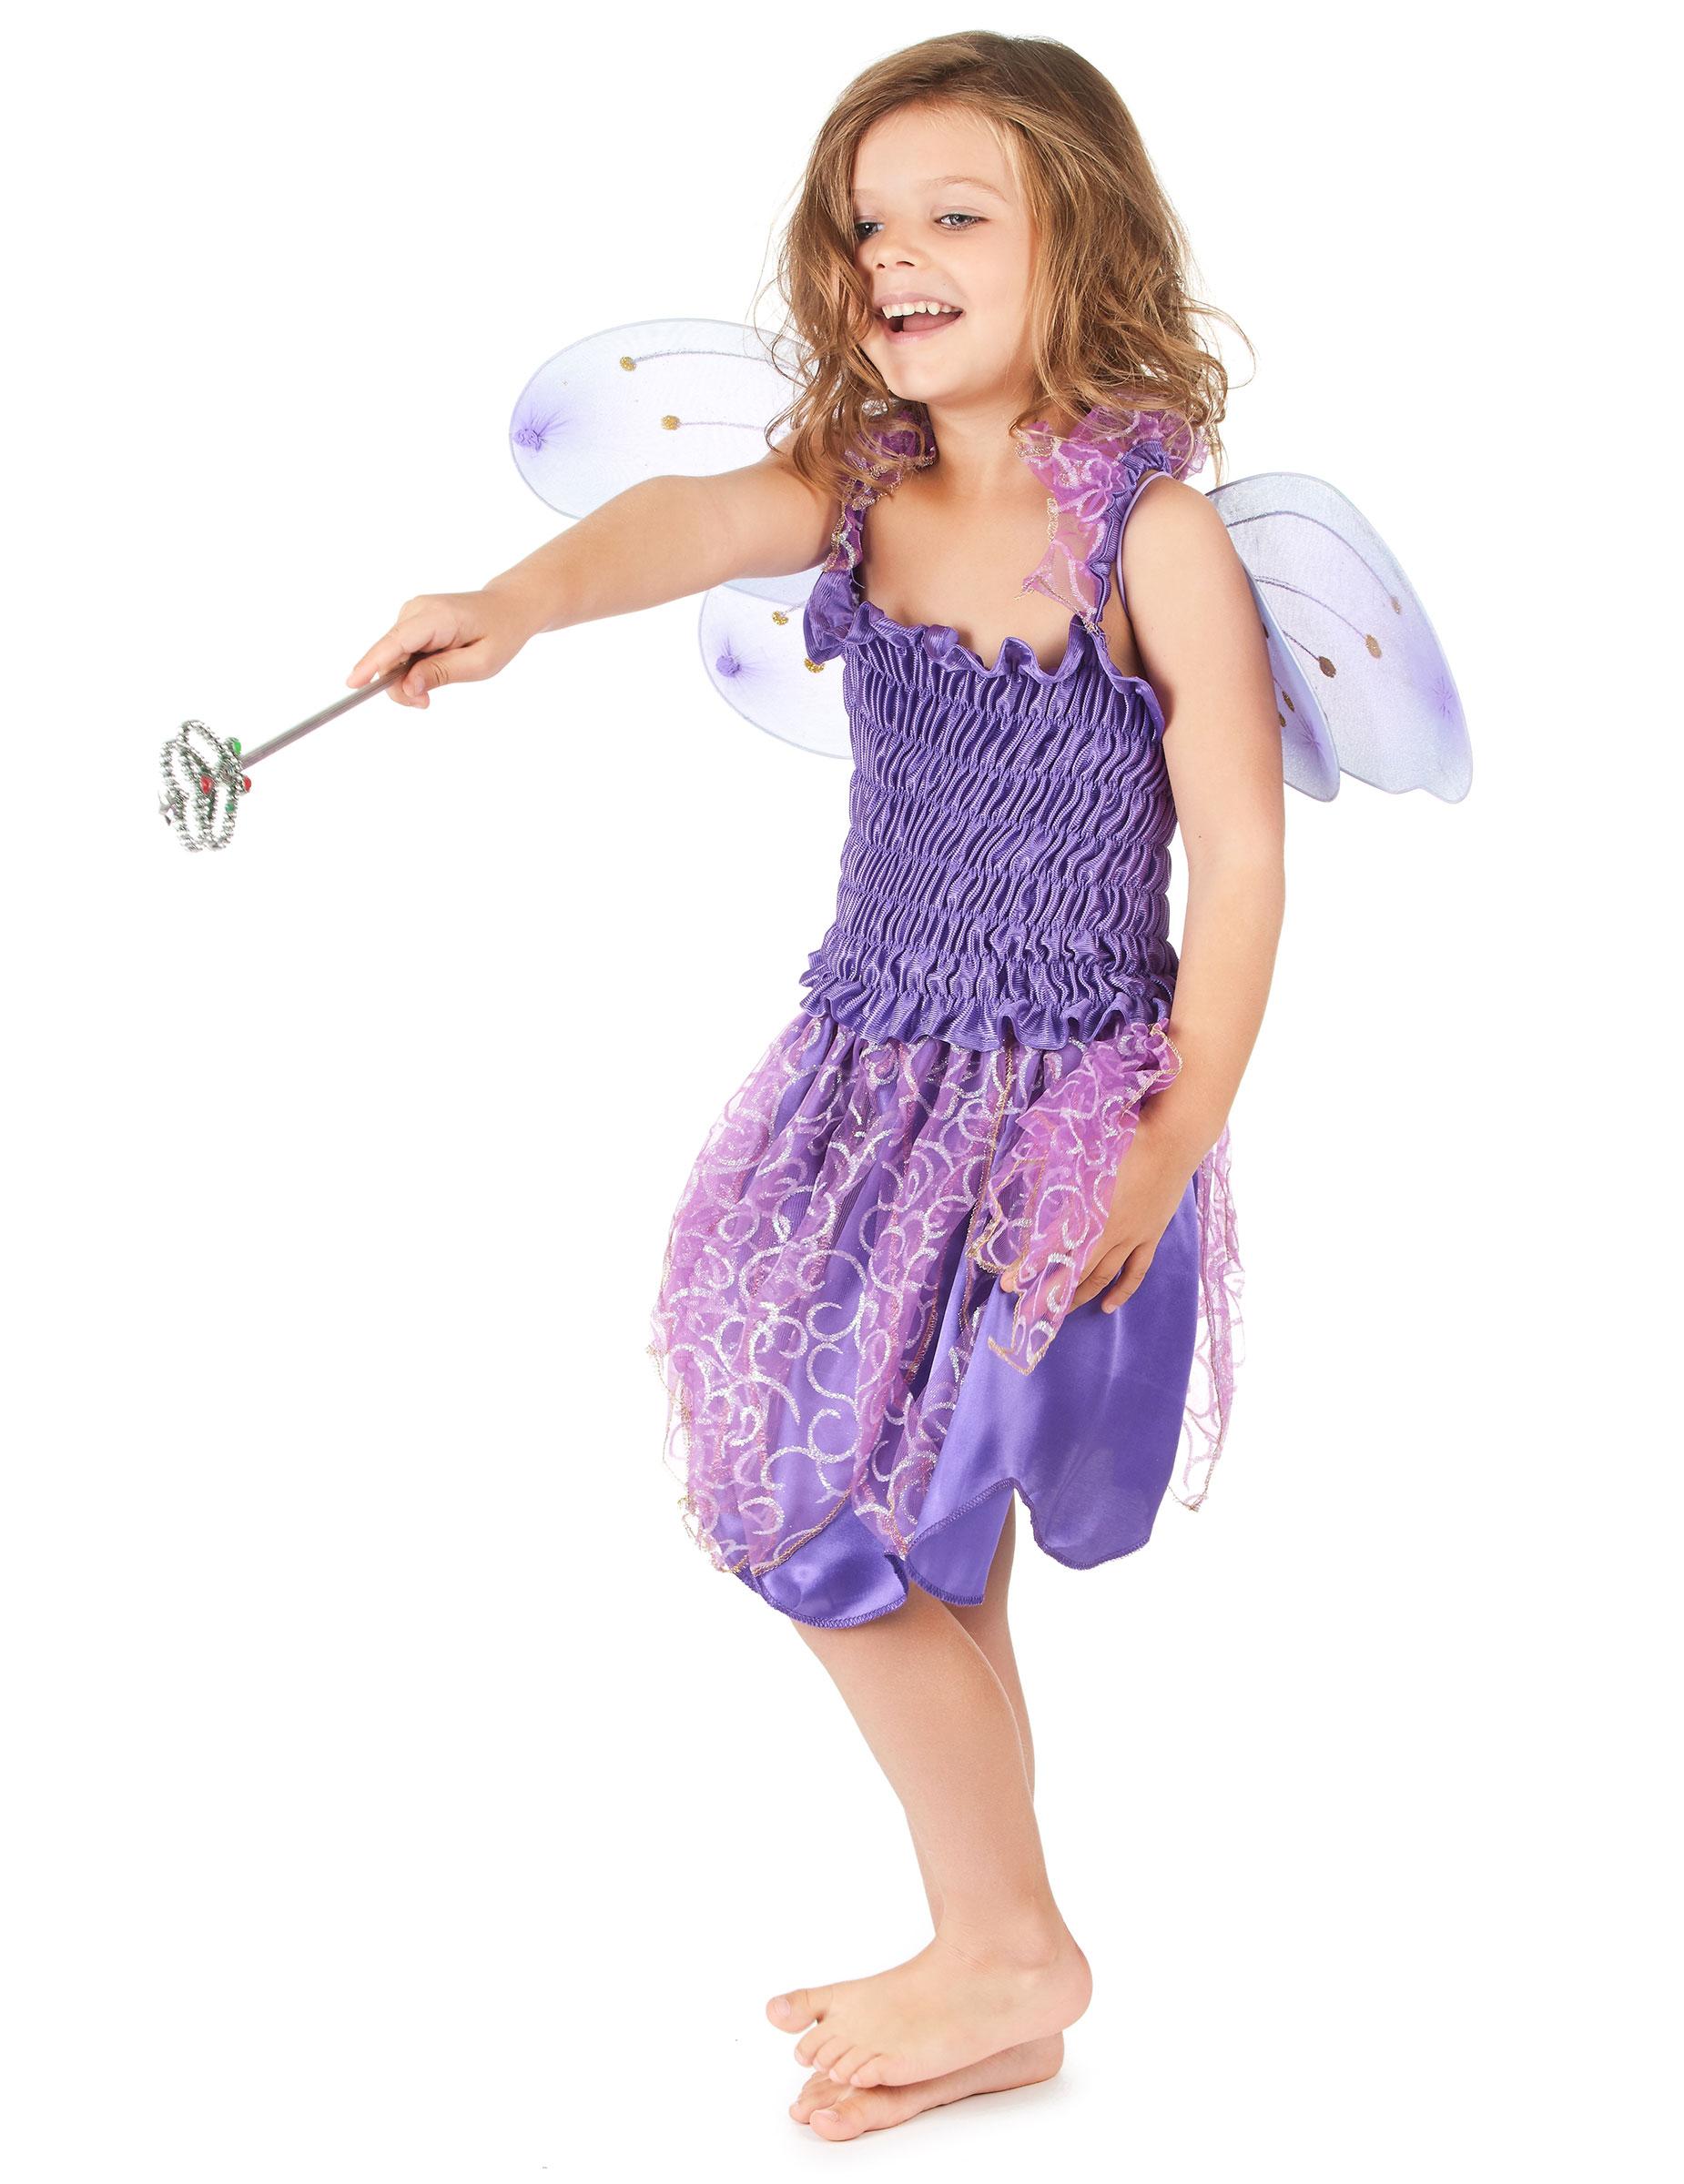 Contemporáneo Disfraces Para Fiestas De Adolescentes Ornamento ...